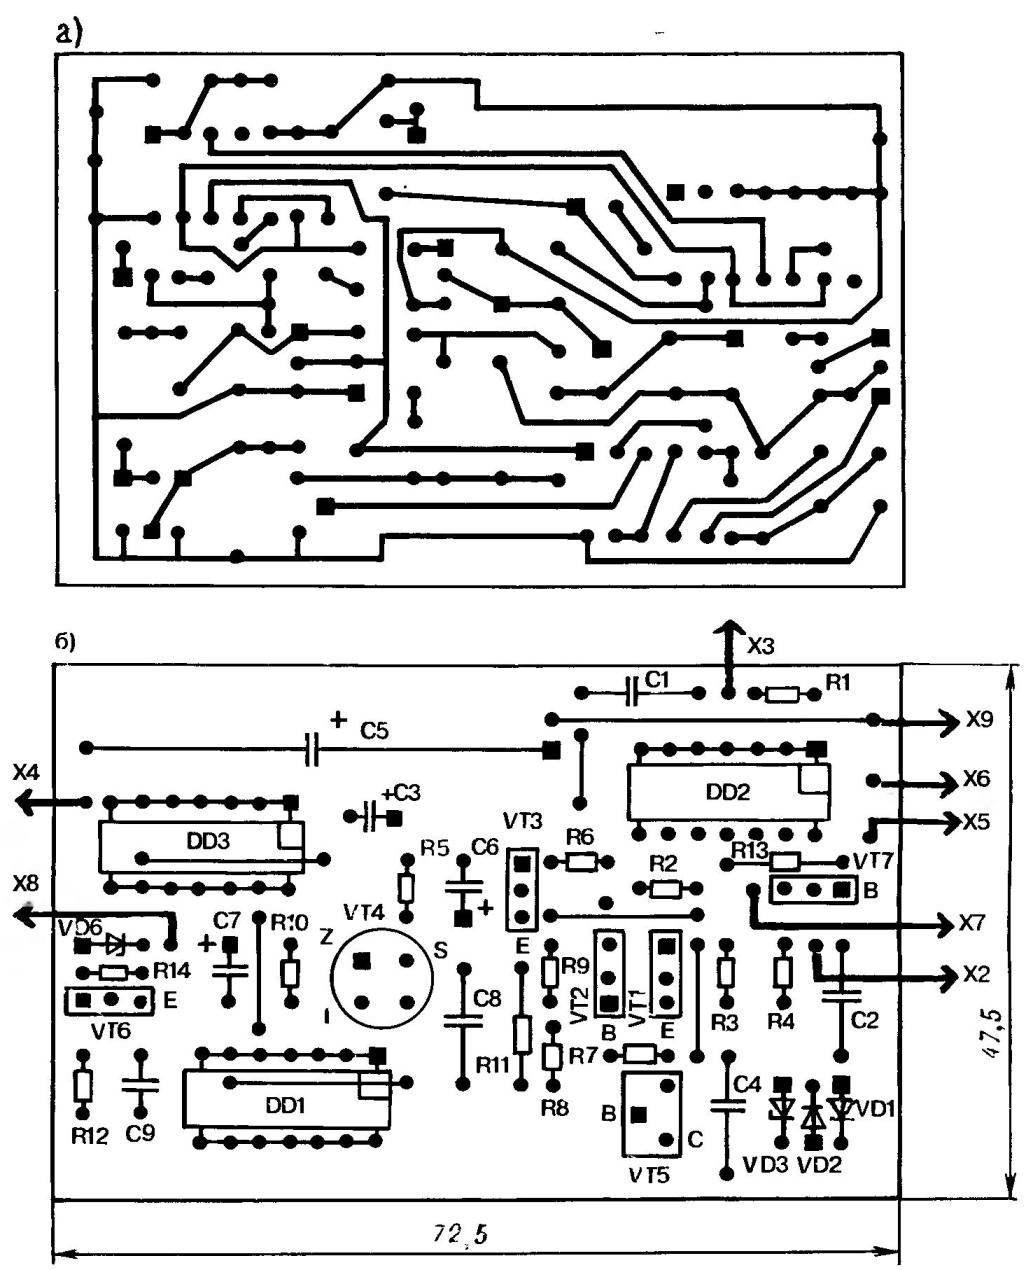 Топология печатной платы (а) и расположение деталей (б) при монтаже